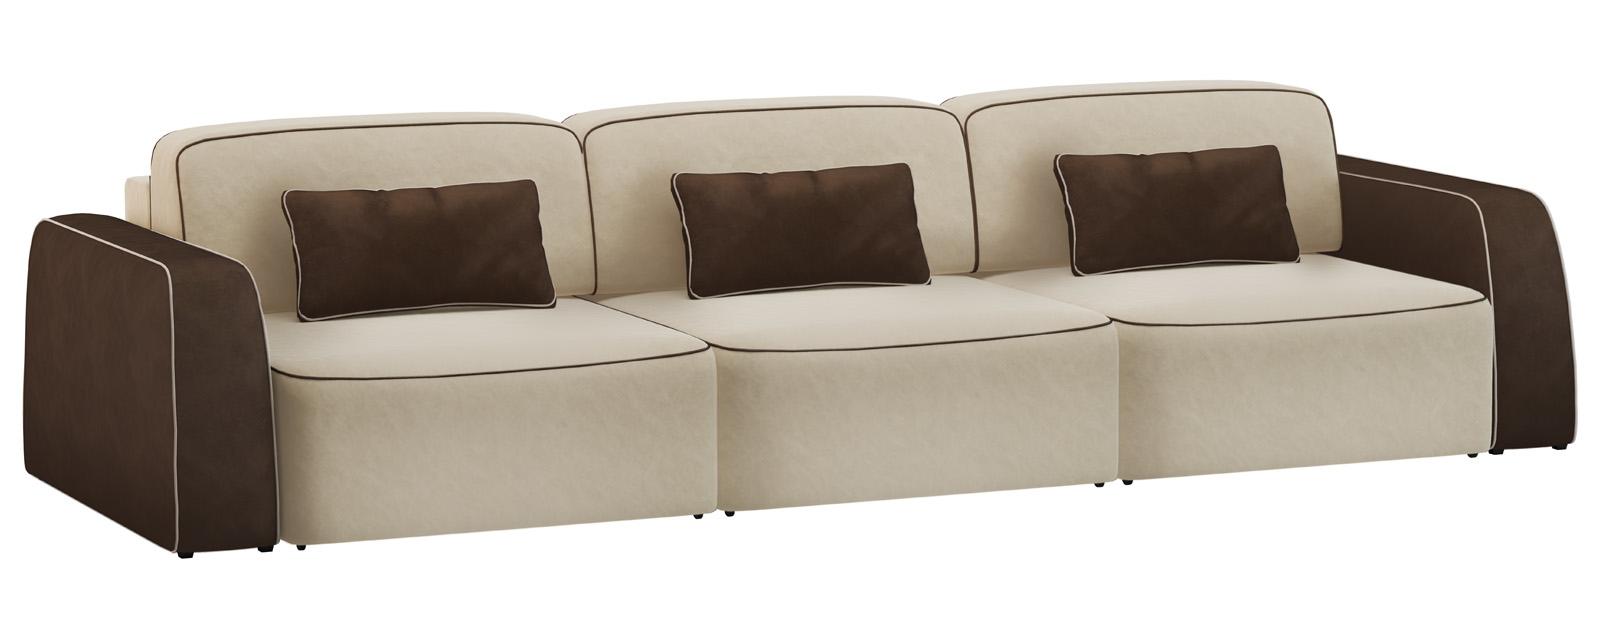 Модульный диван Портленд 300 см Вариант №1 Velure бежевый/темно-коричневый (Велюр) от HomeMe.ru